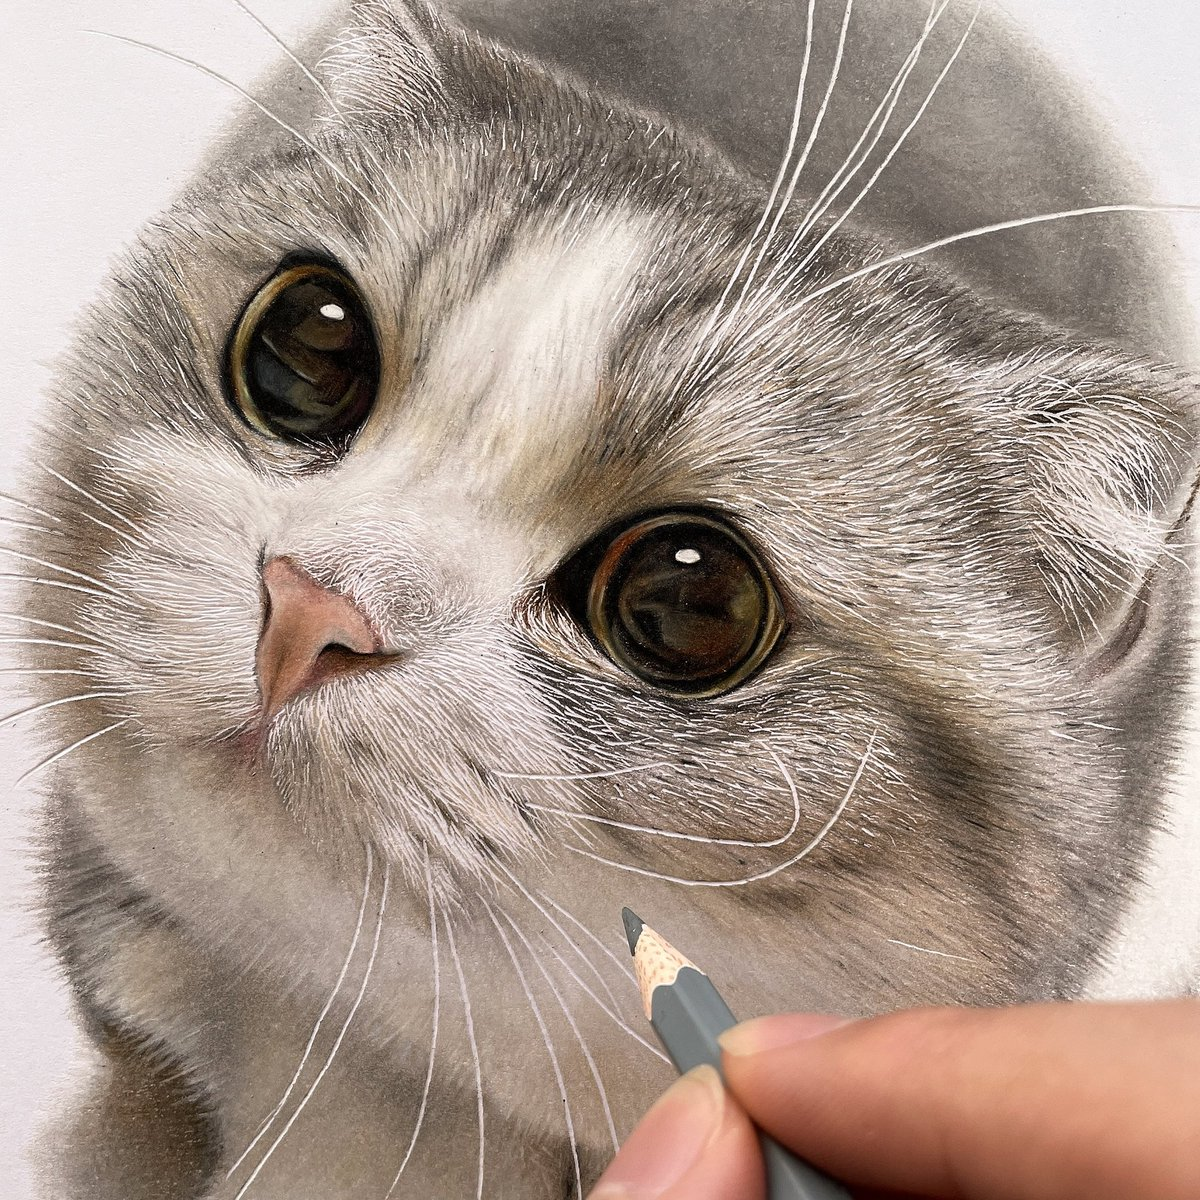 色鉛筆でにゃんこ描きました〜!  もふもふ〜(っ ◜ω◝ c)